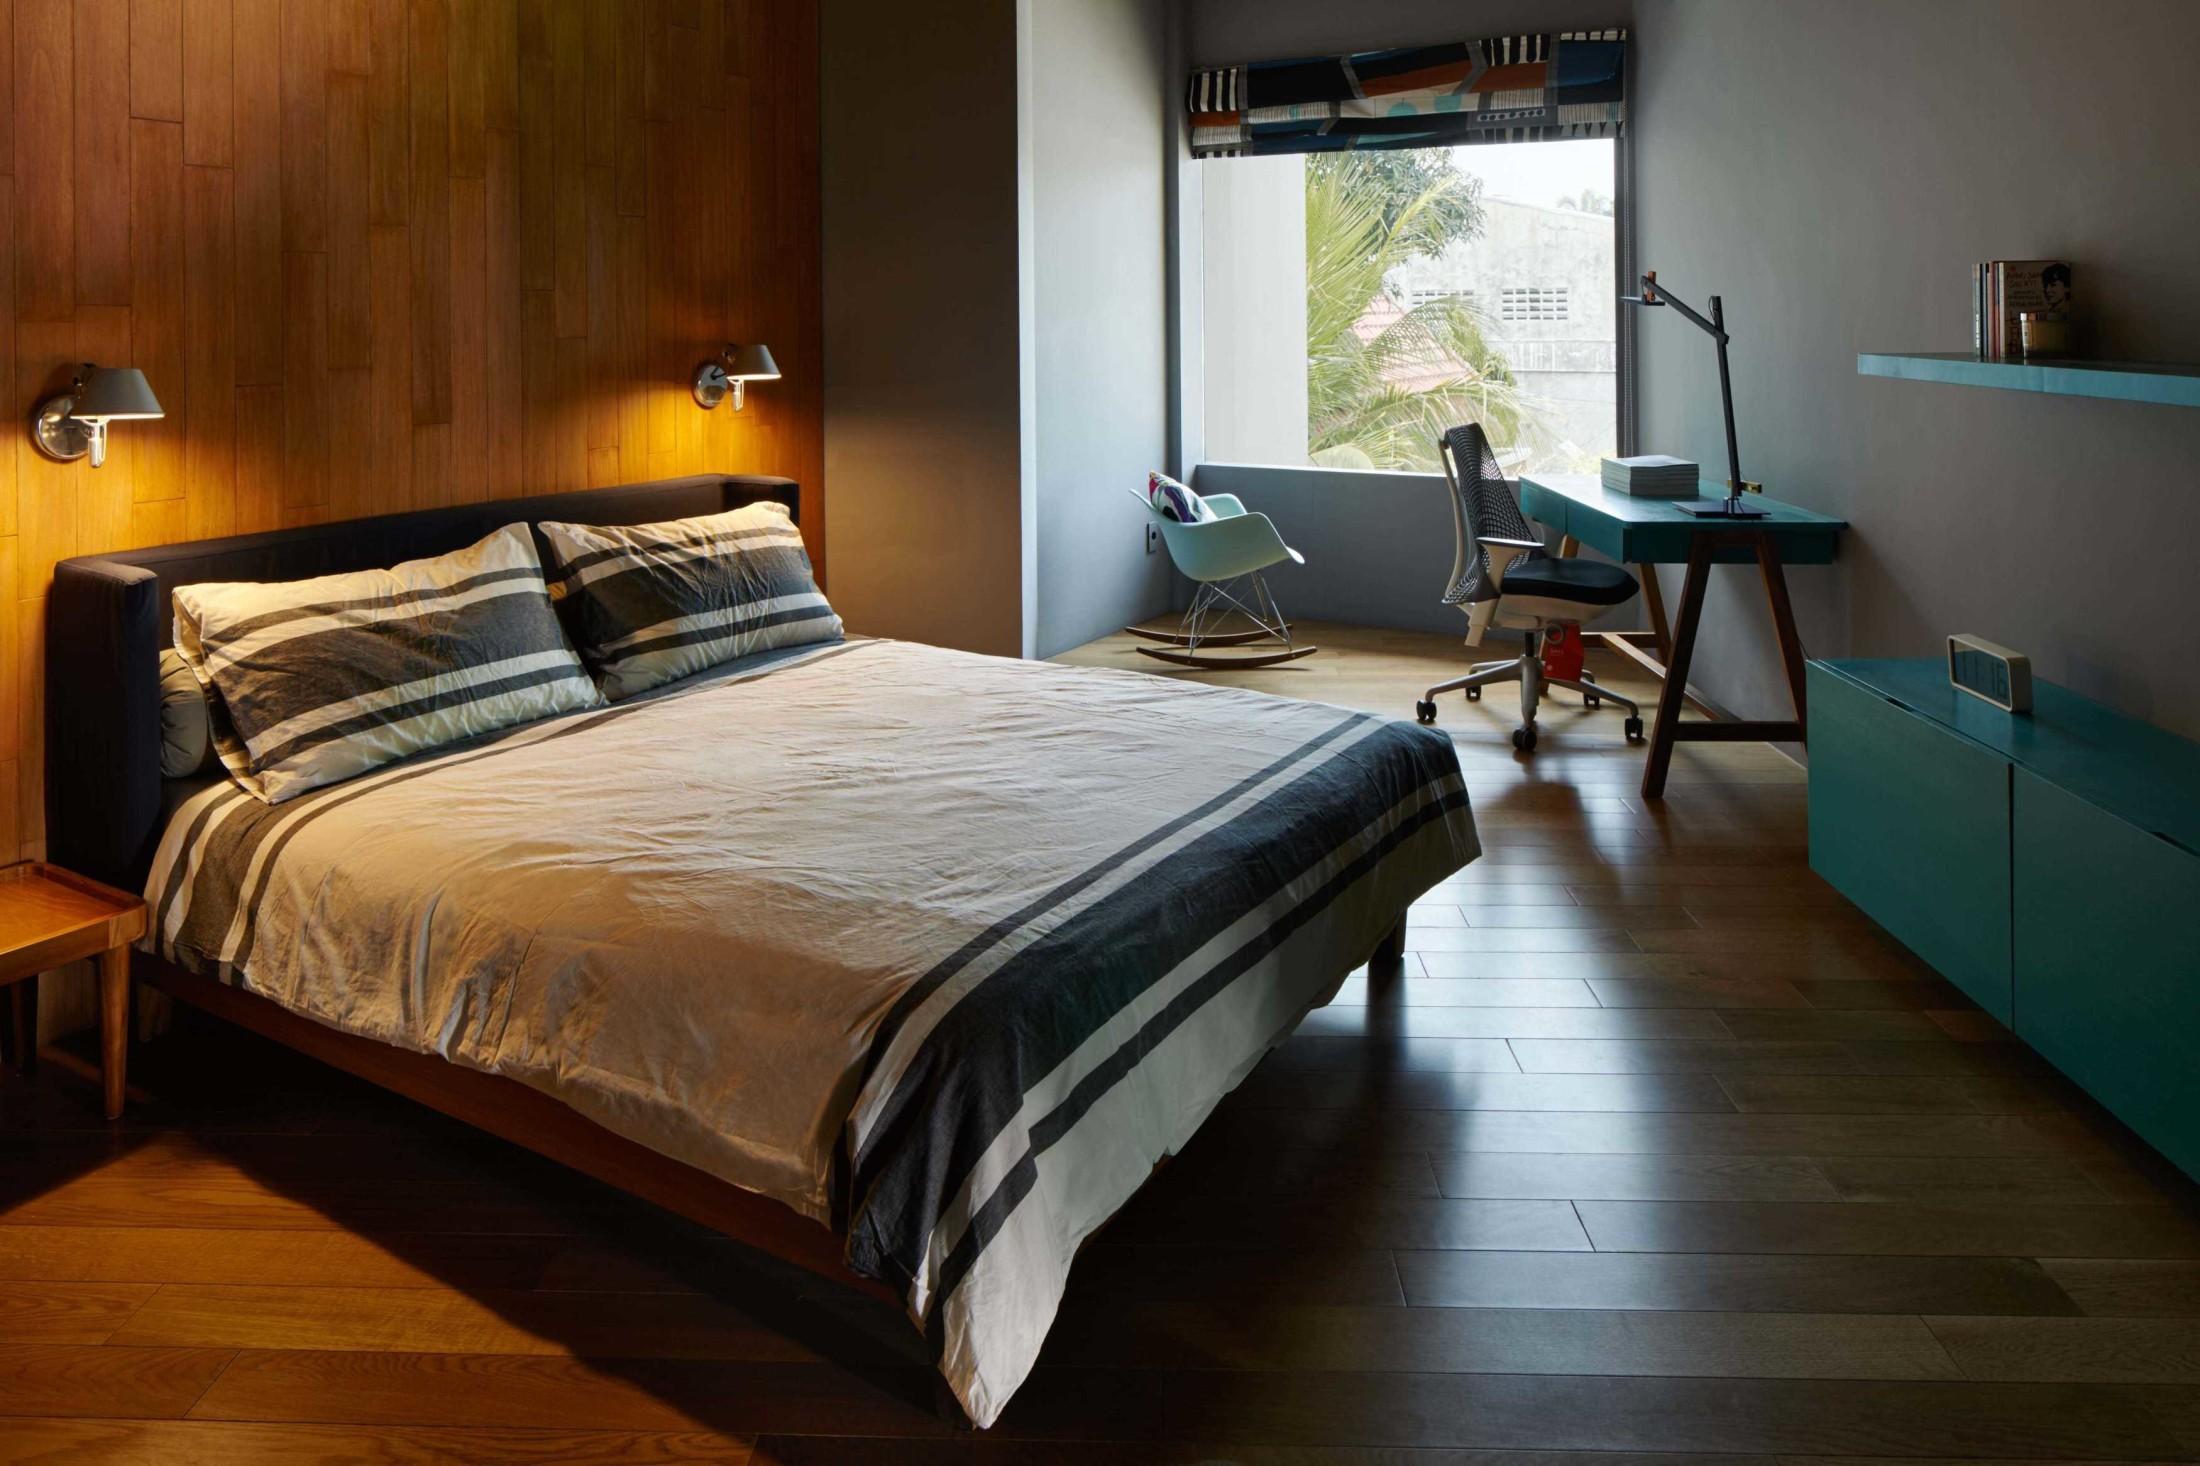 Pencahayaan alami yang cukup untuk kamar tidur yang sehat dan nyaman (Sumber: arsitag.com)